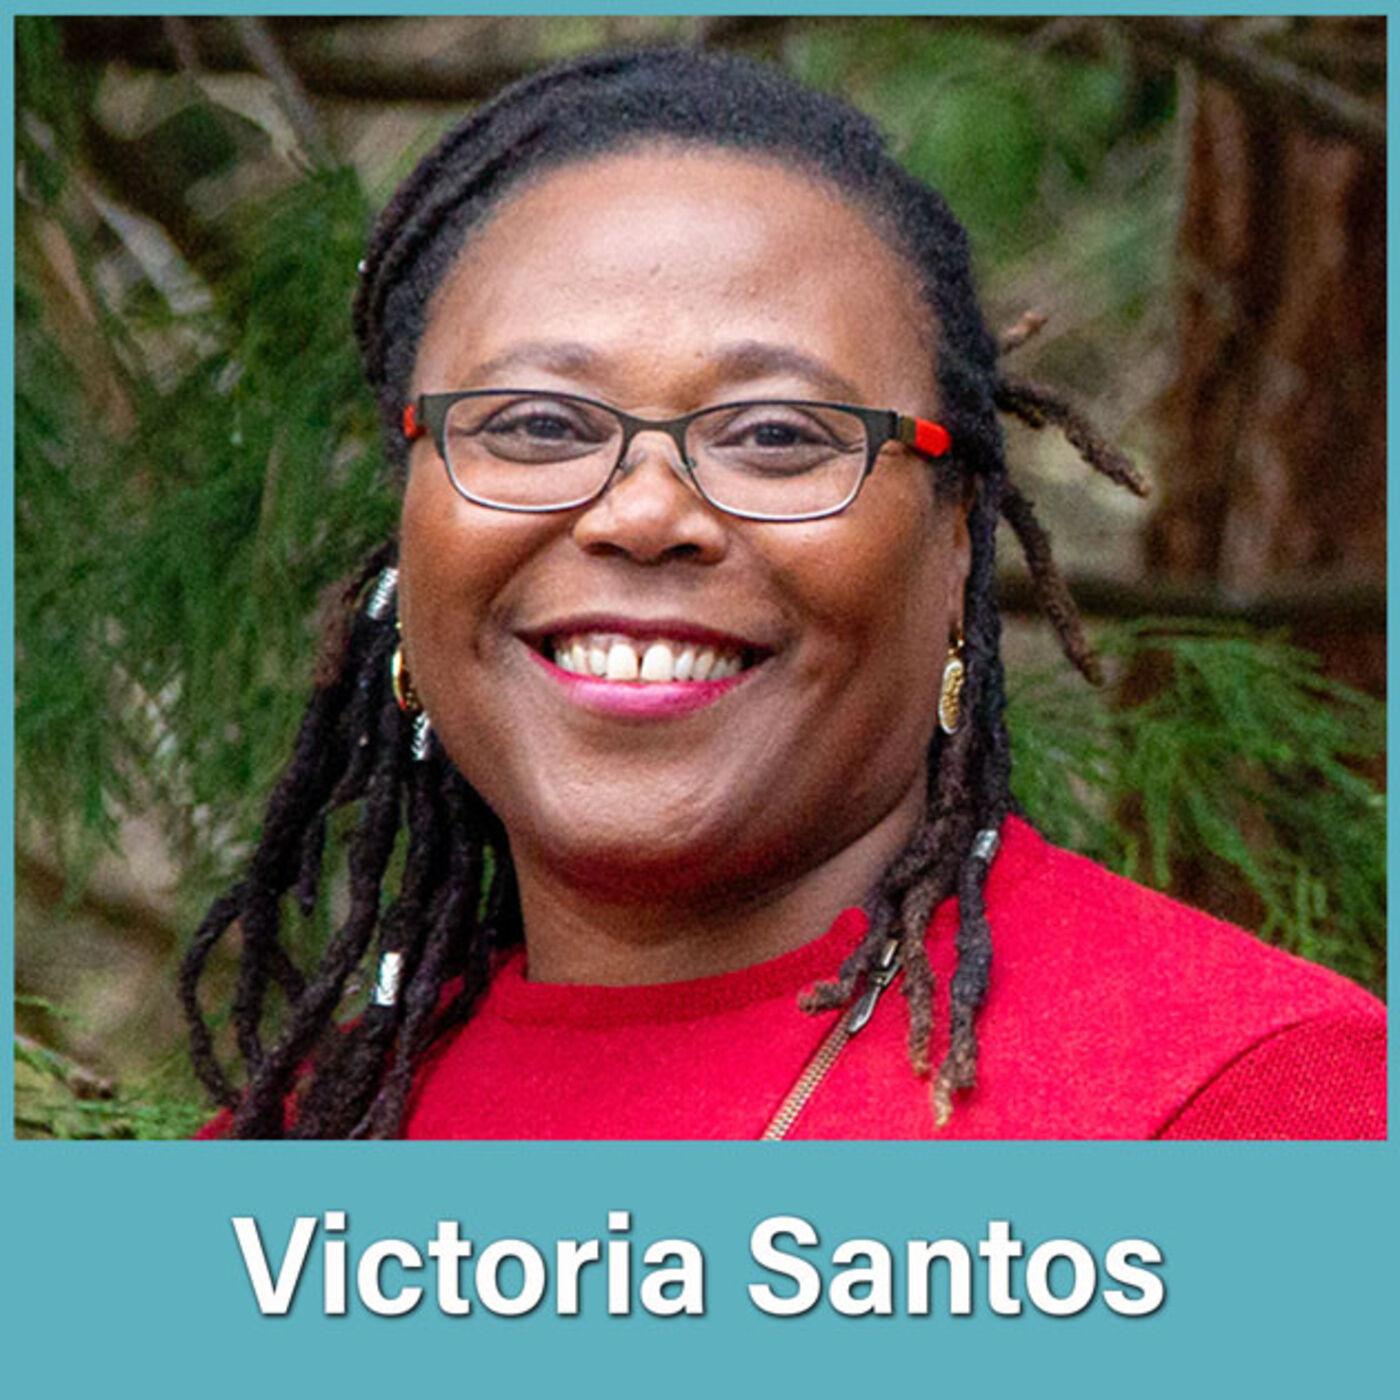 #3 Victoria Santos